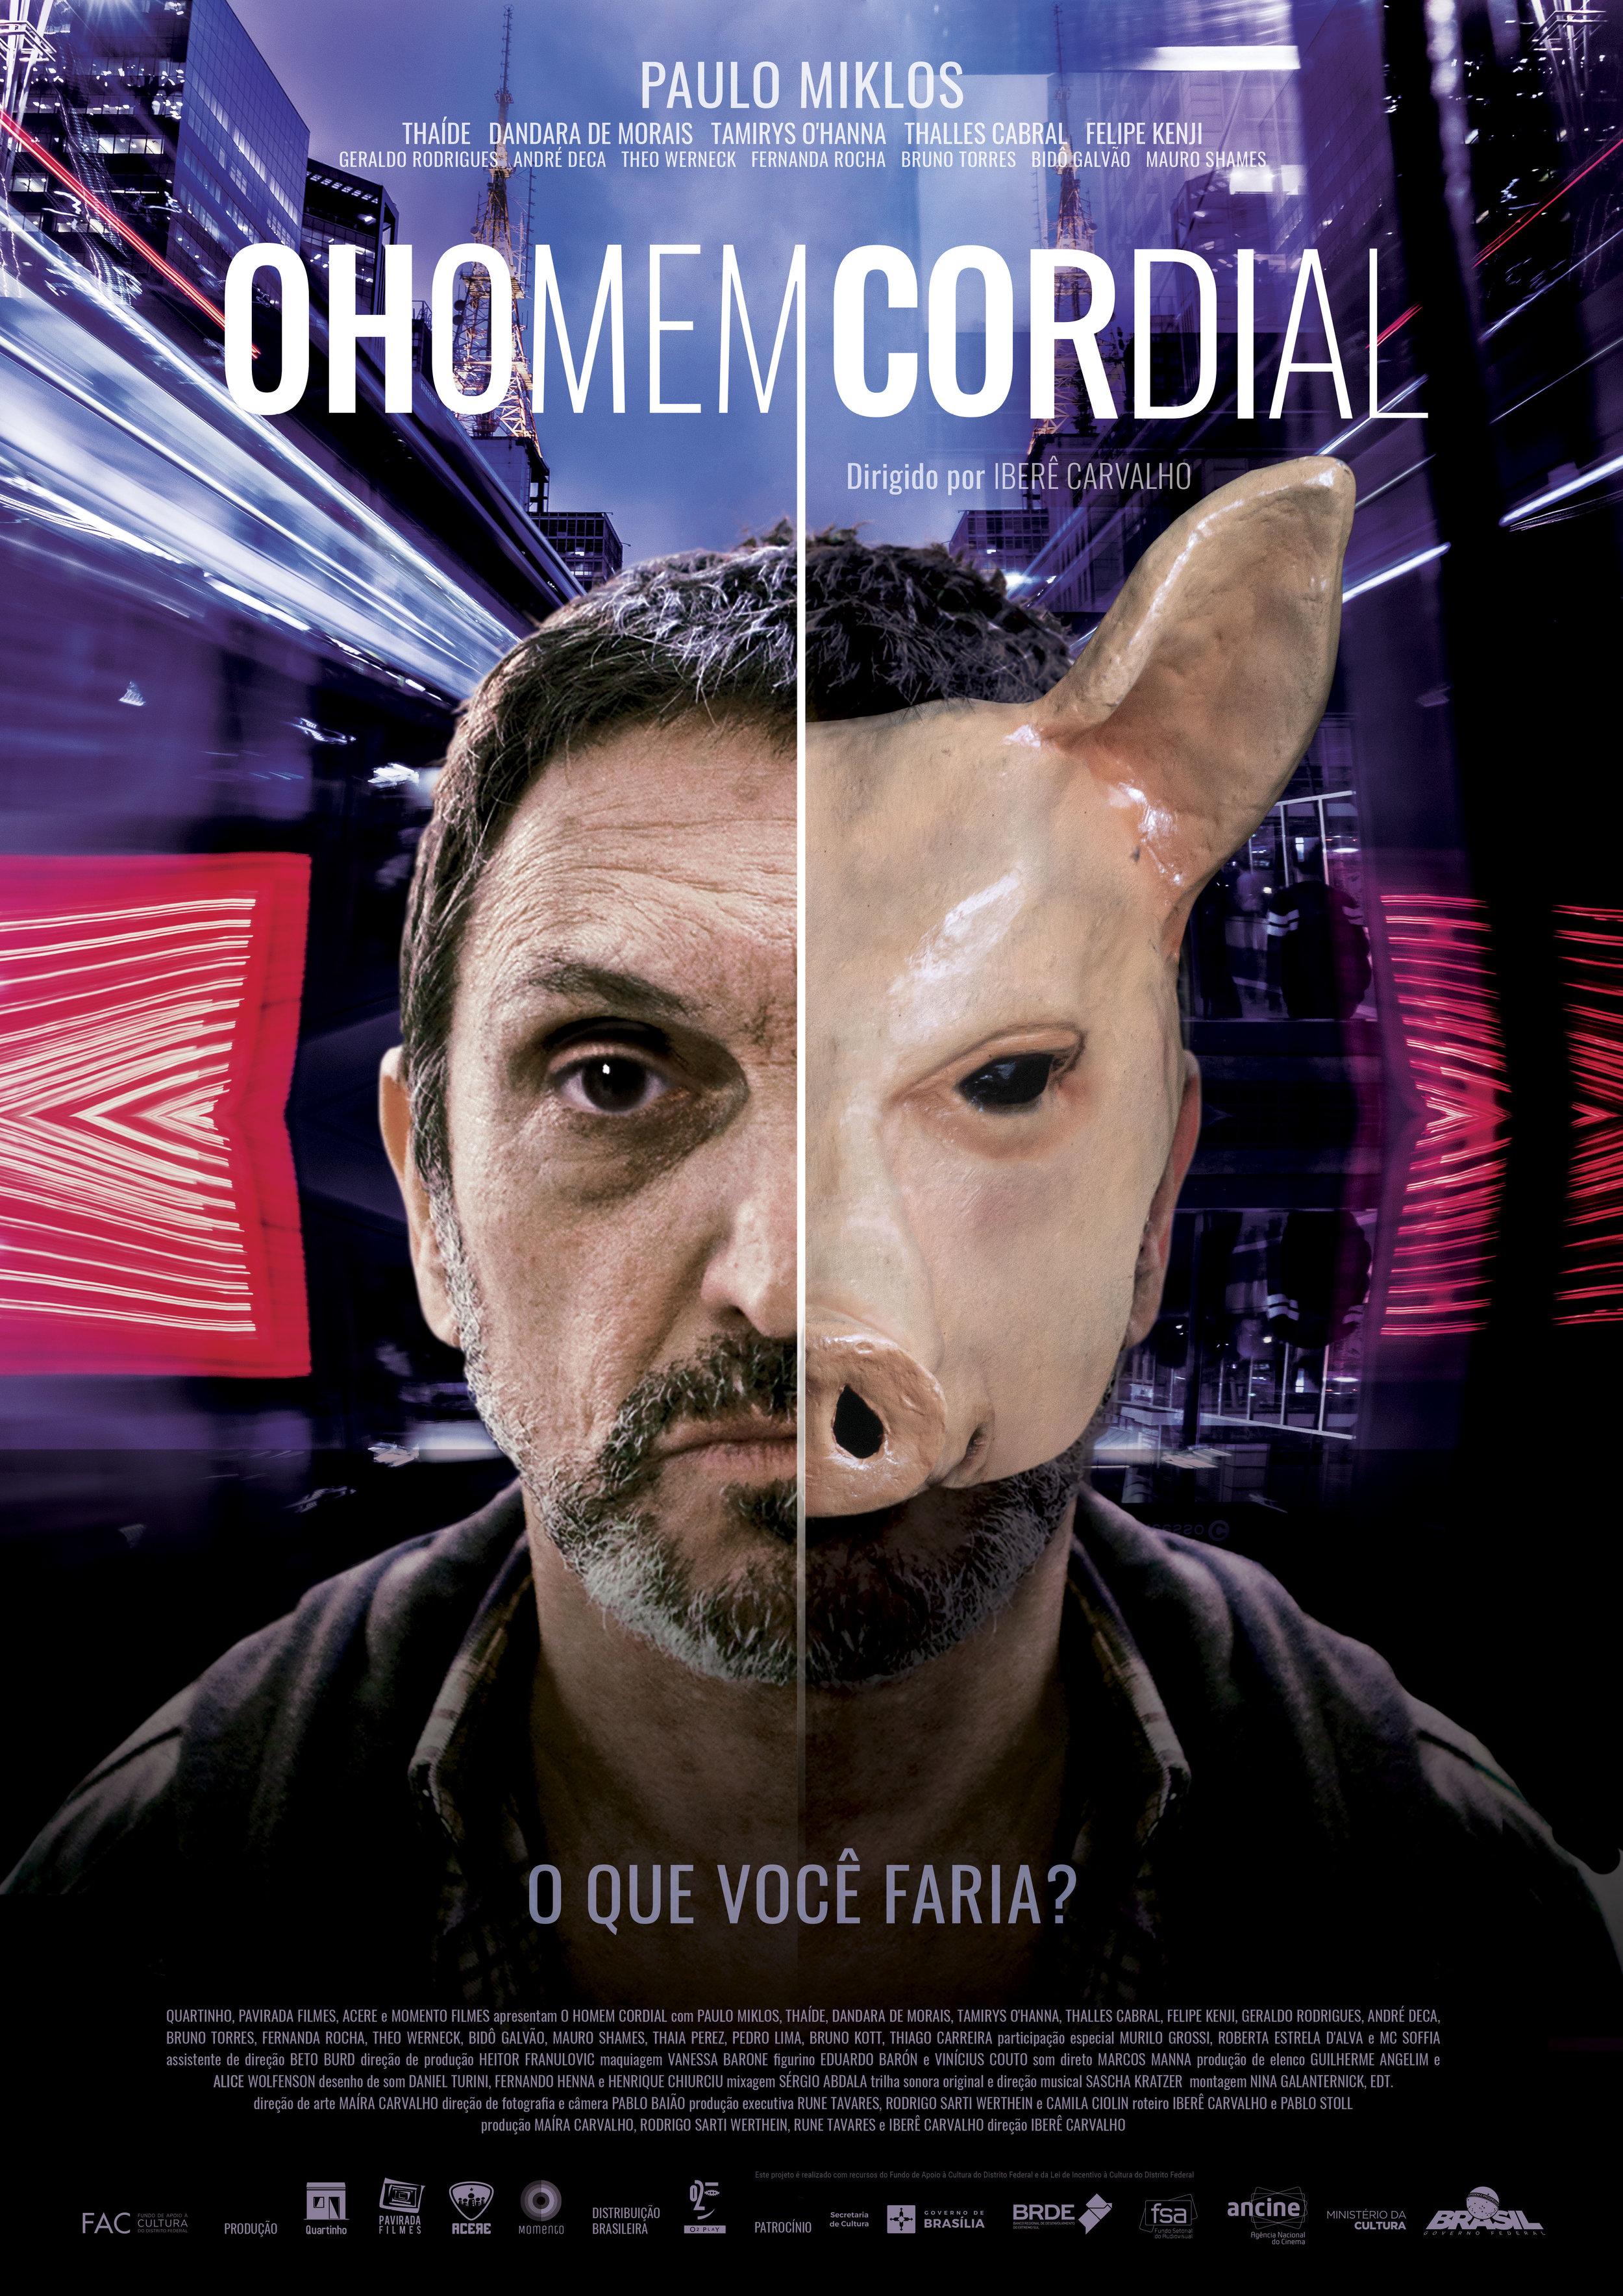 Poster_OHomemCordial.jpg